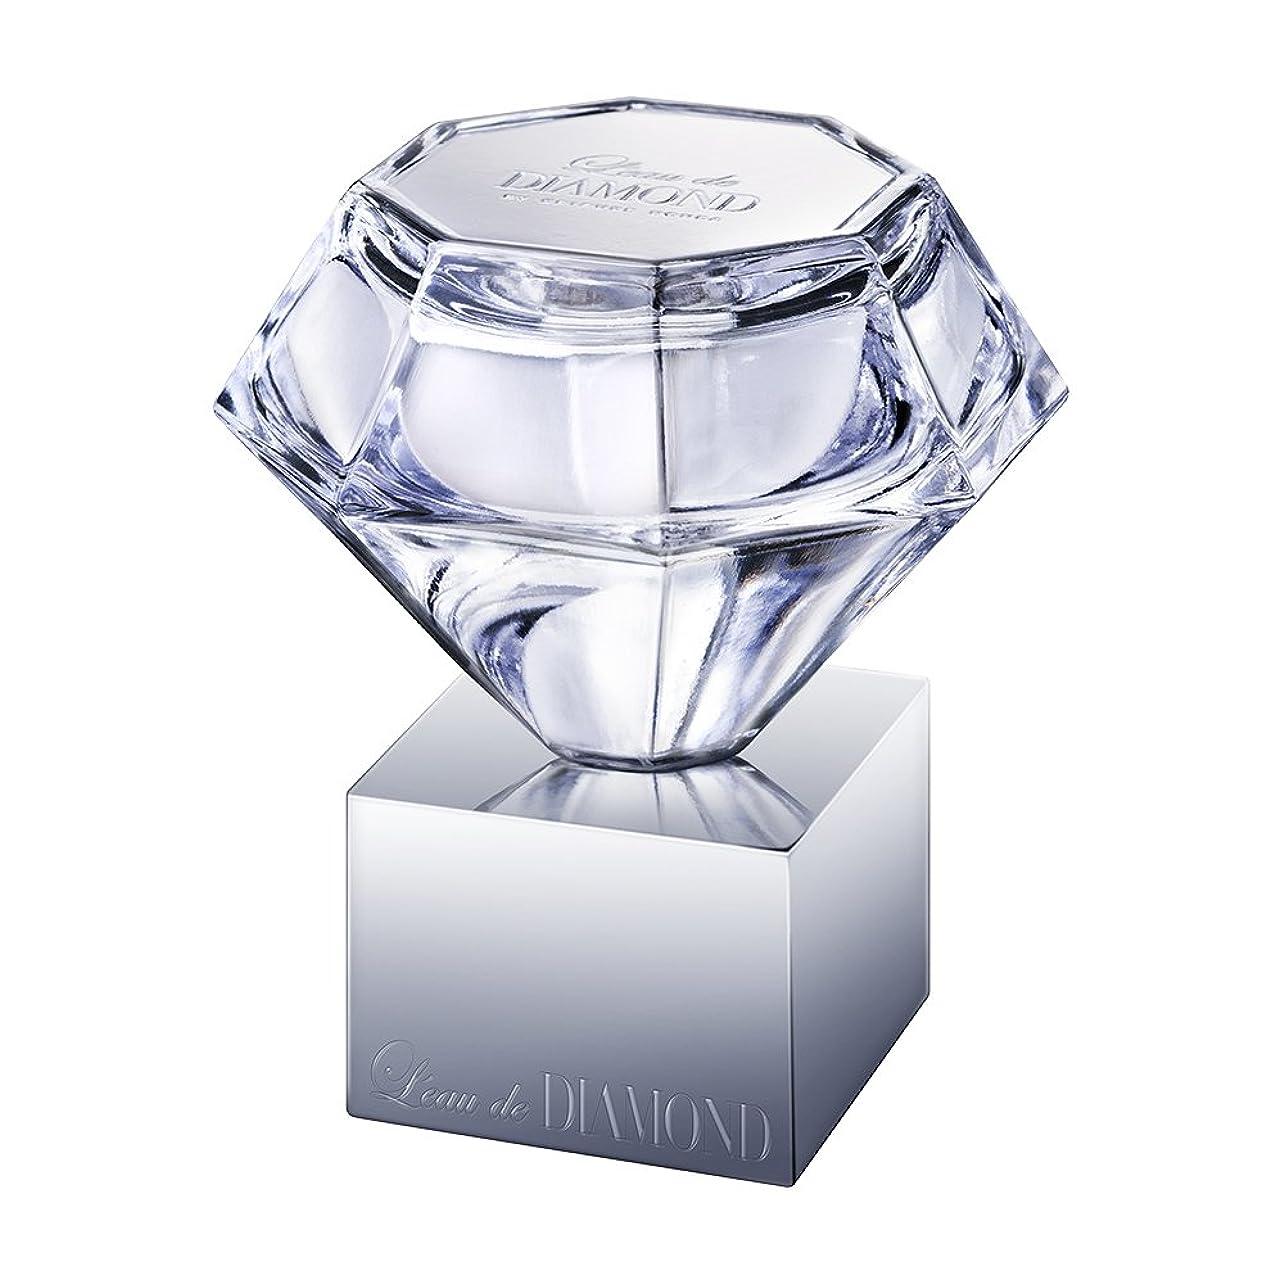 一せっかち粒ロードダイアモンド バイ ケイスケ ホンダ オードパルファム(プールオム) 50ml